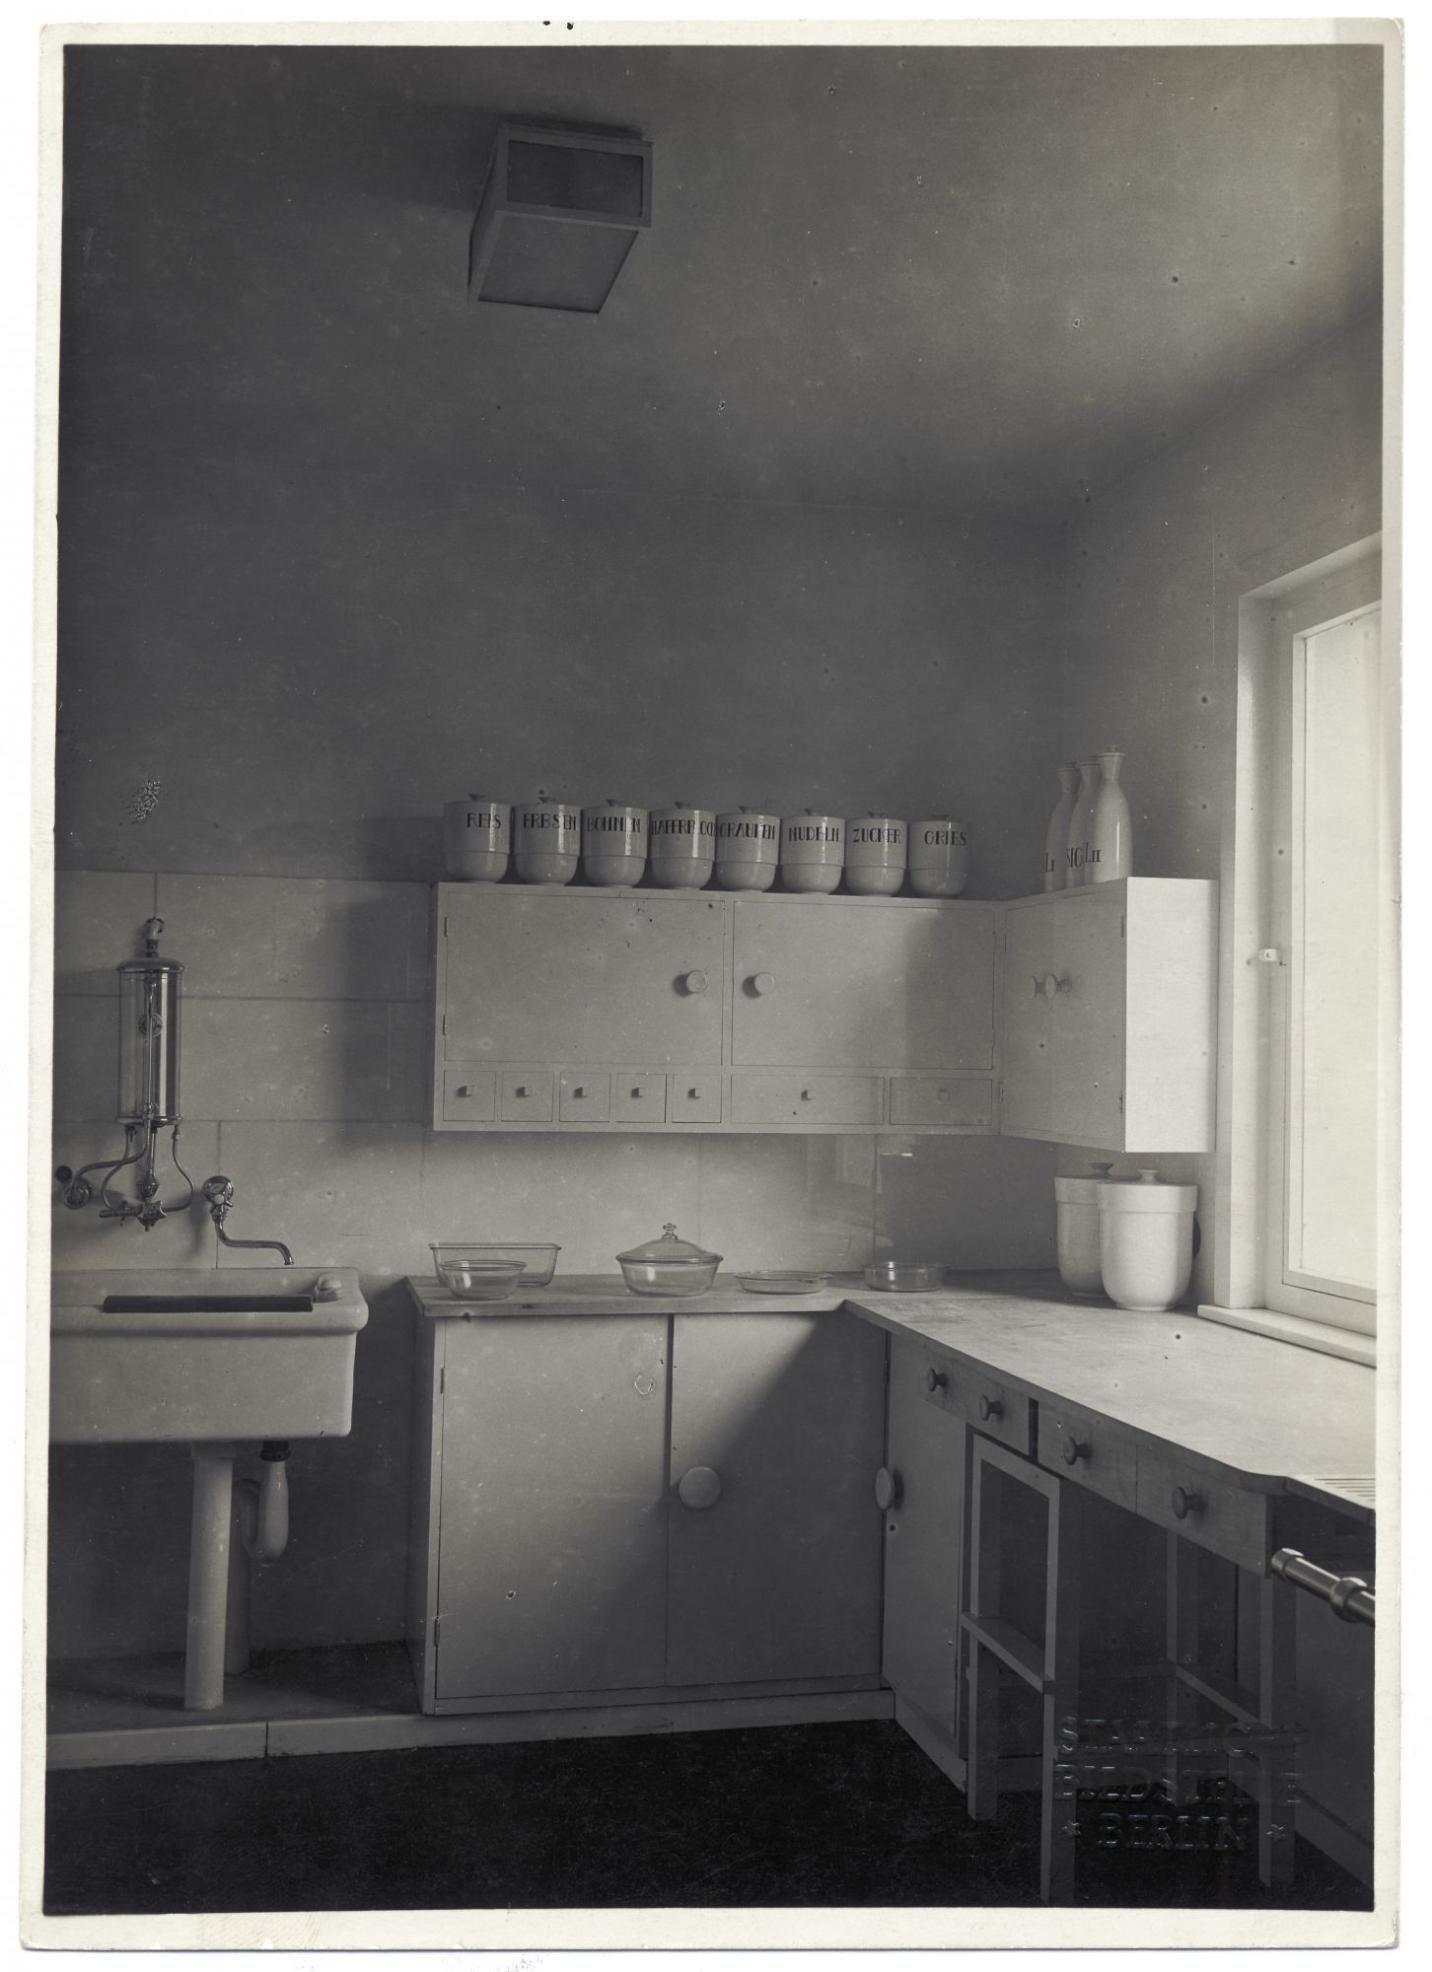 kitchen haus am horn weimar 1923 architecture georg muche kitchen design benita koch. Black Bedroom Furniture Sets. Home Design Ideas